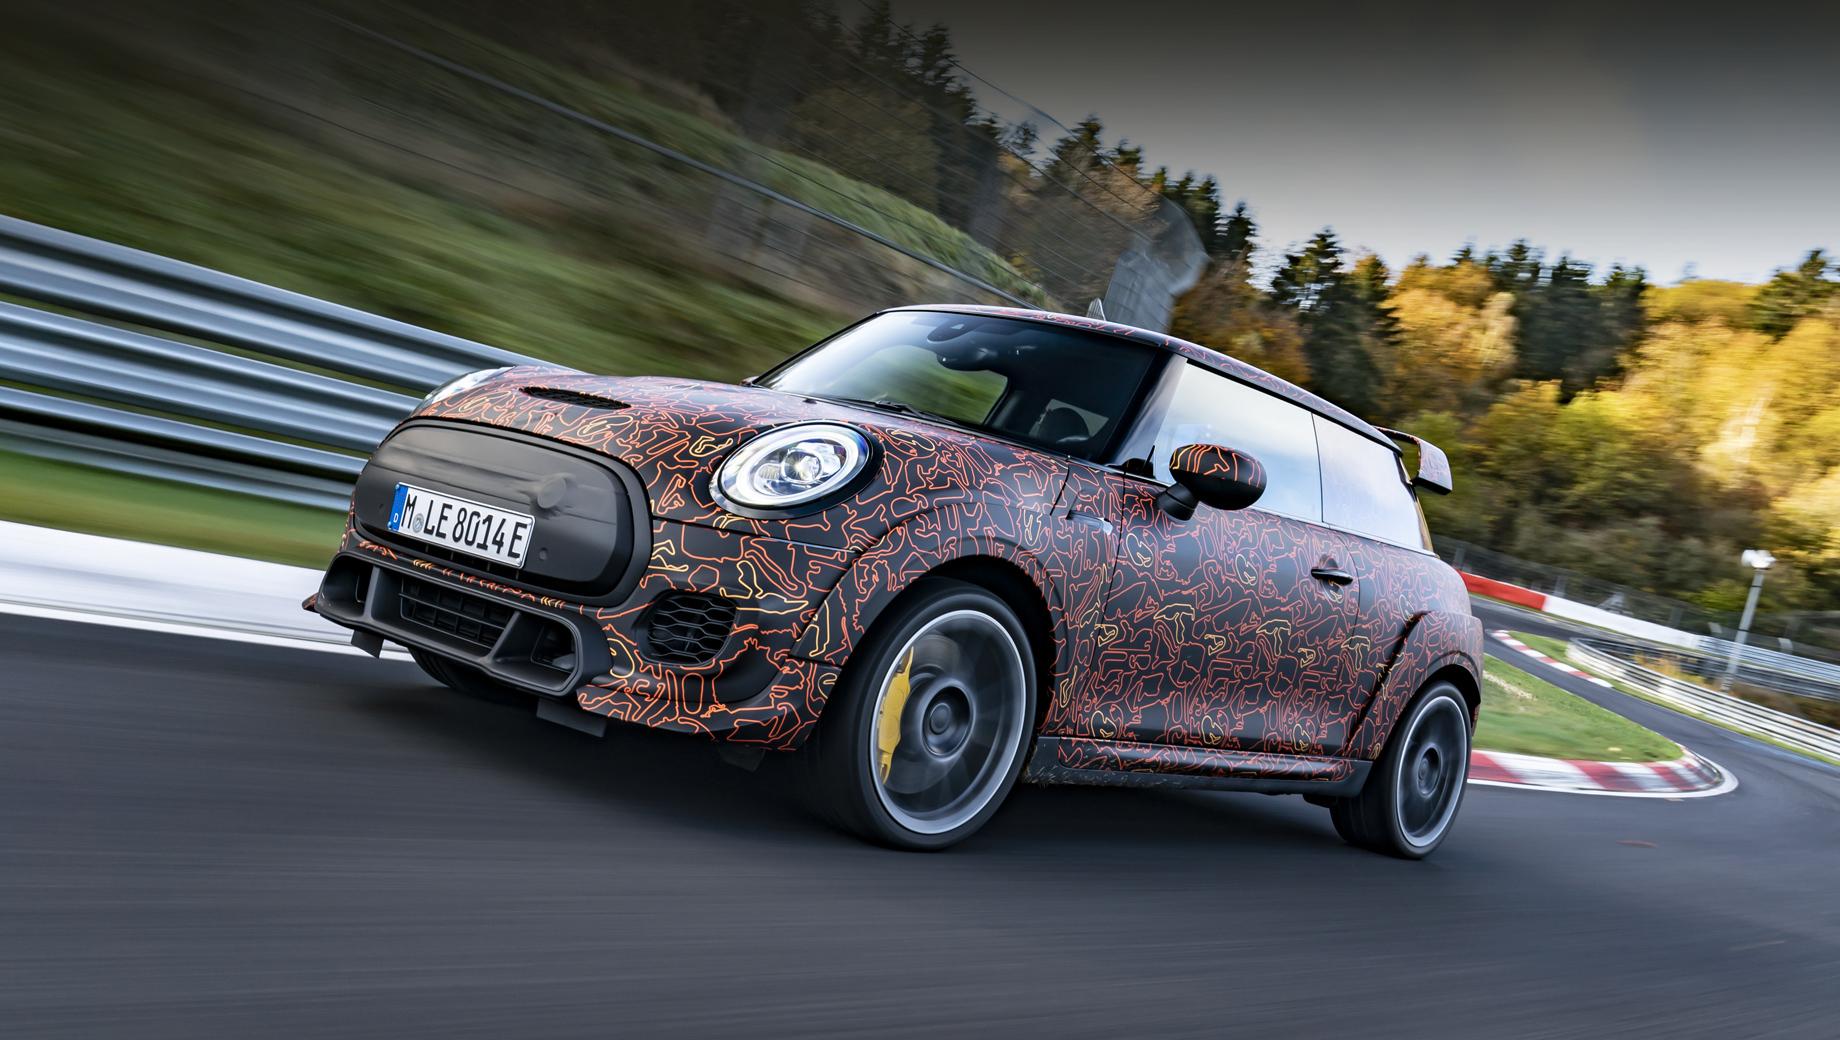 Mini jcw electric,Mini hatch. «Пришло время применить страсть бренда John Cooper Works к электромобильности», — сказал глава марки MINI.